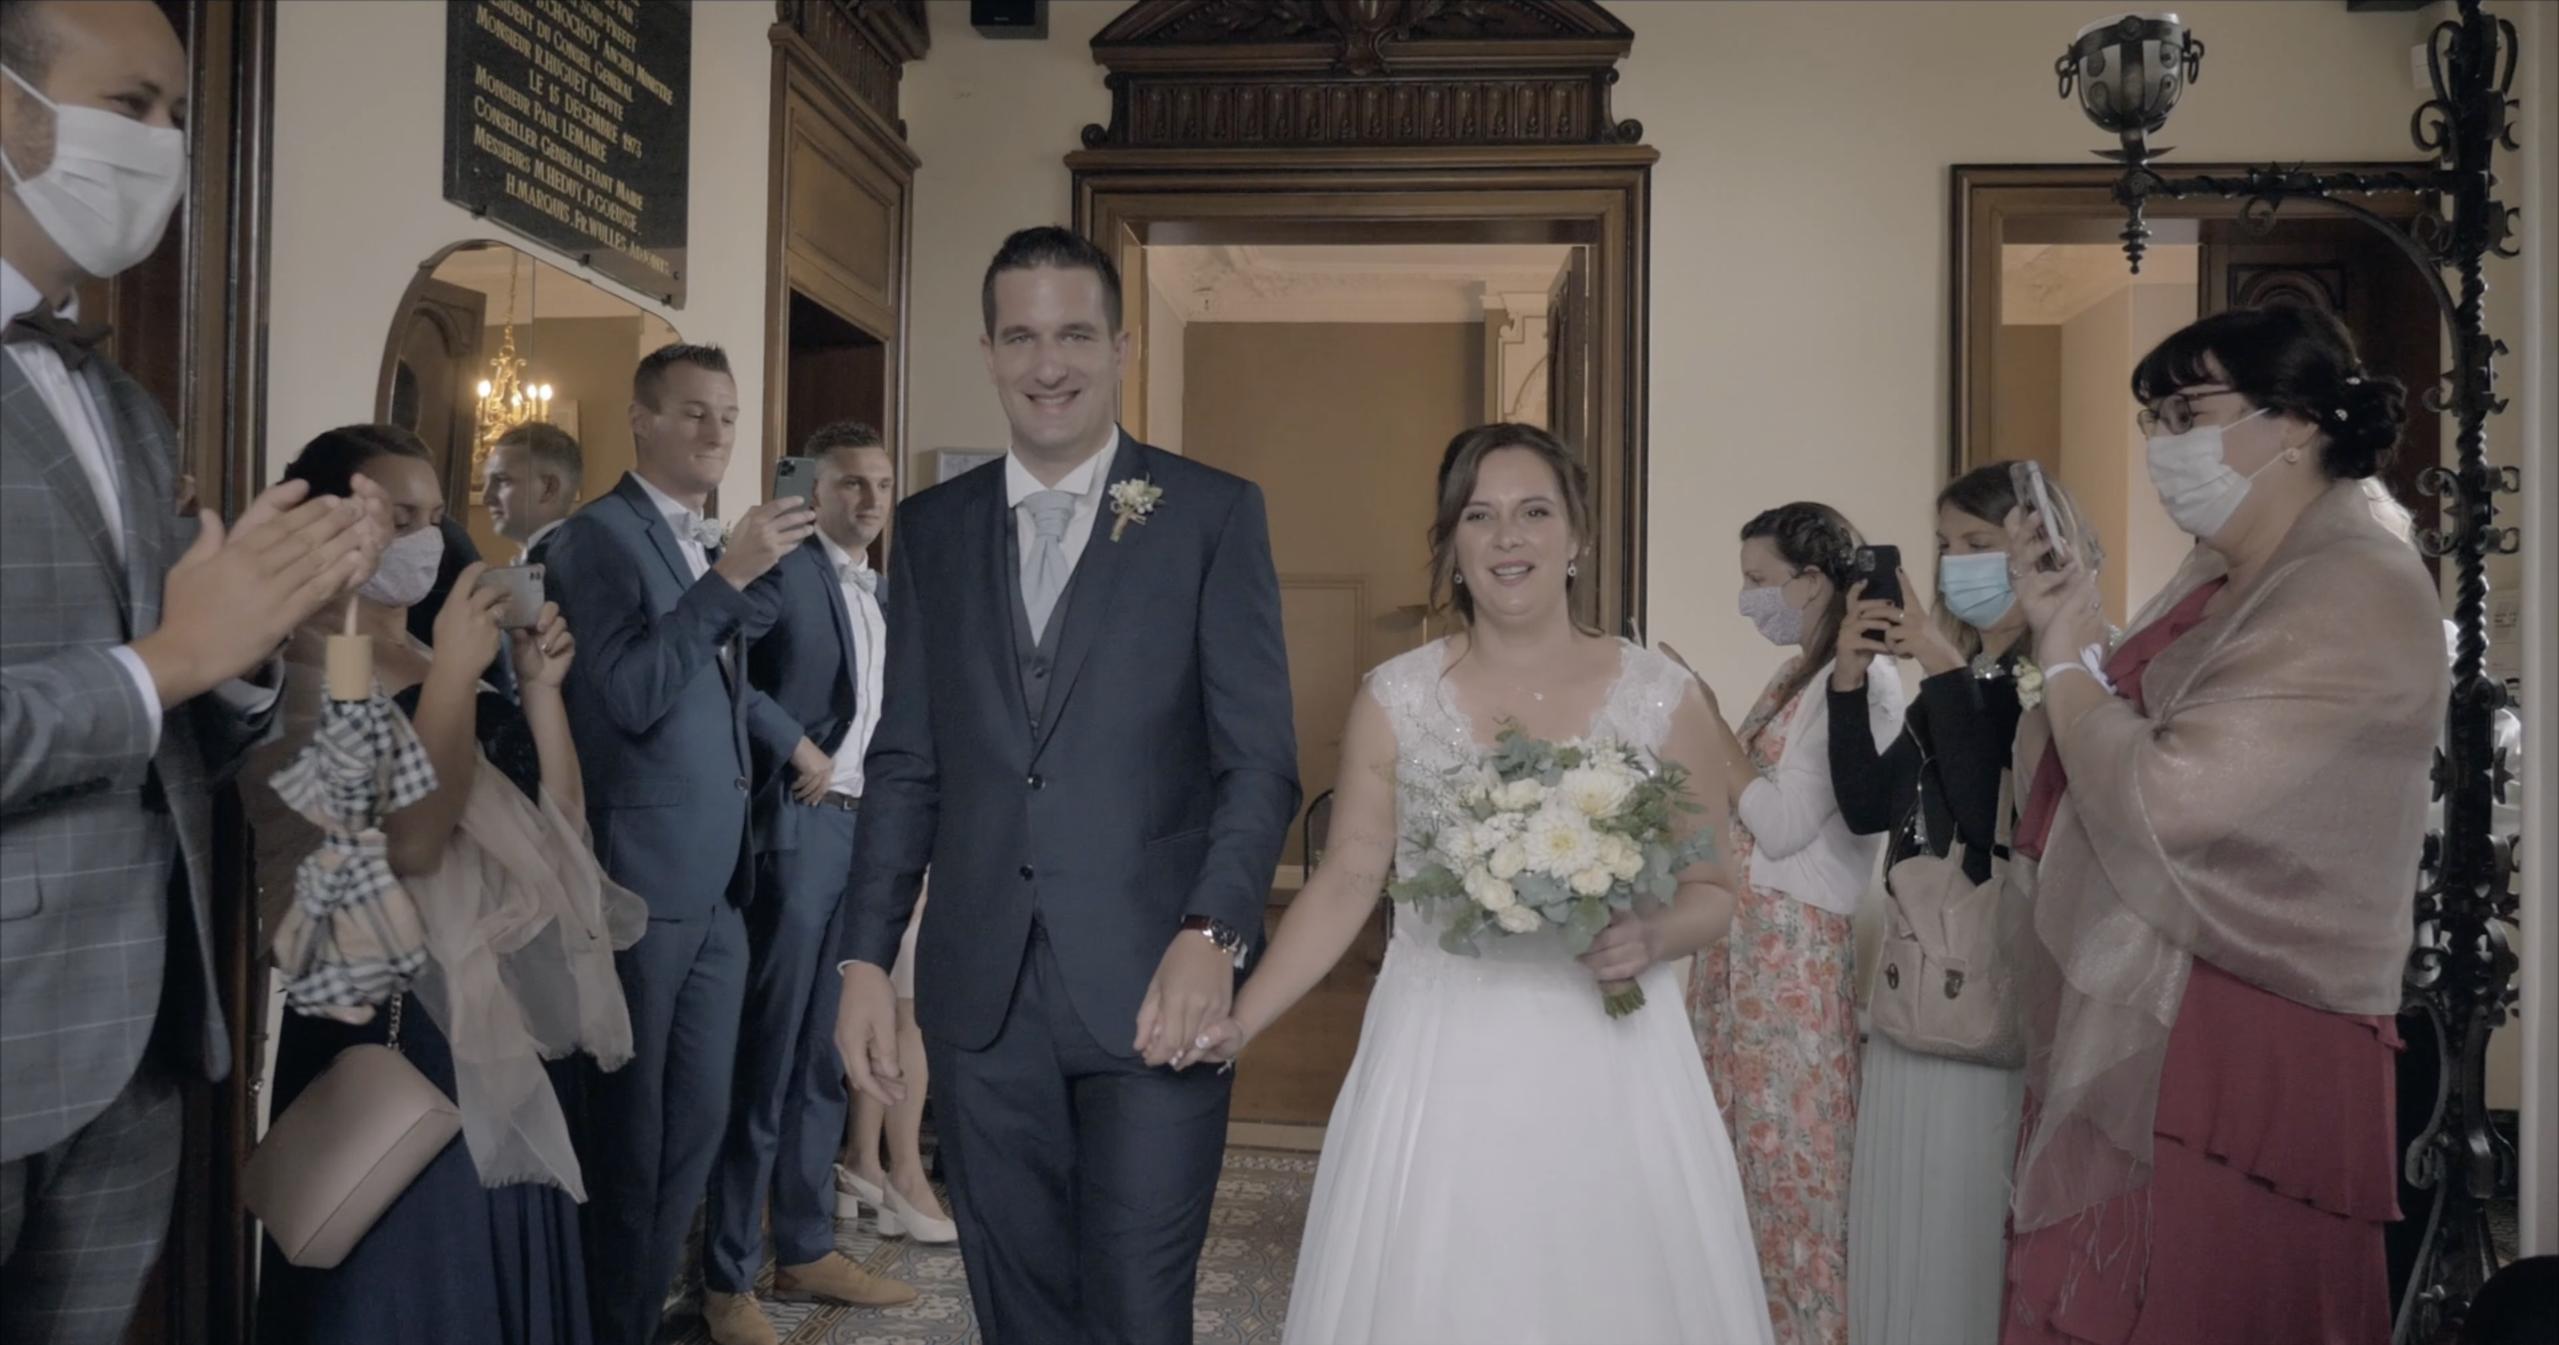 Le mariage de Adrien et Mélodie à Saint-Omer, Pas-de-Calais